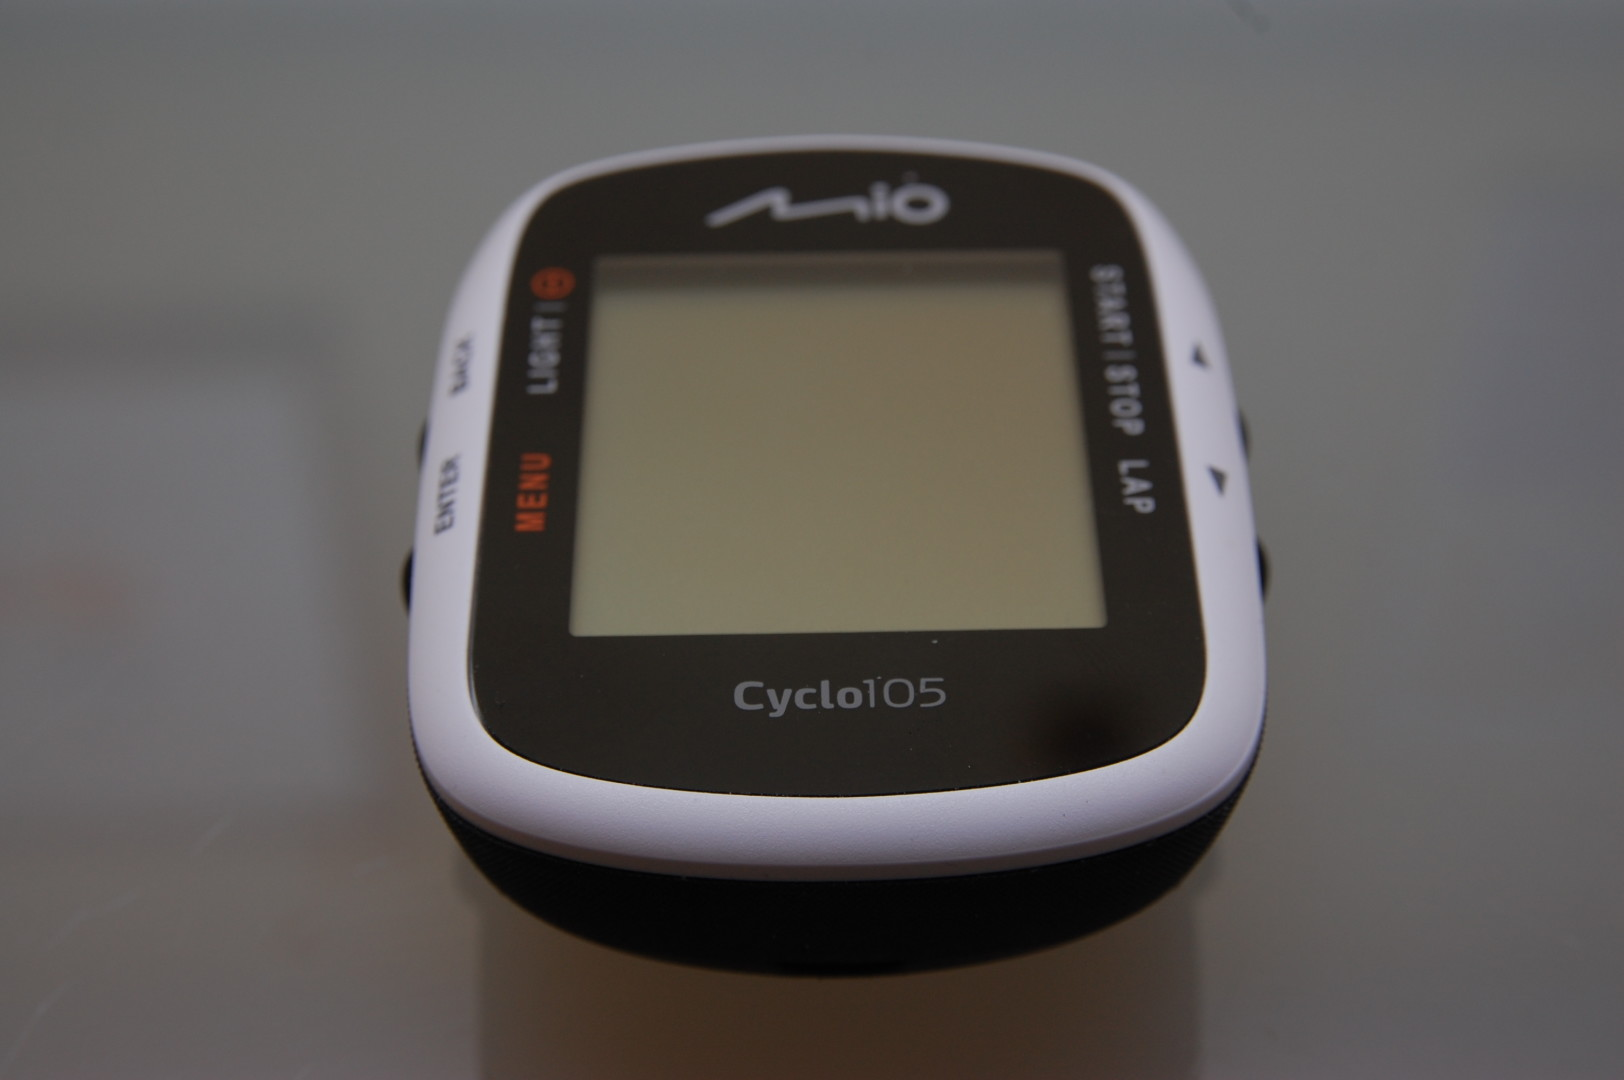 Mio cyclo 105 przód